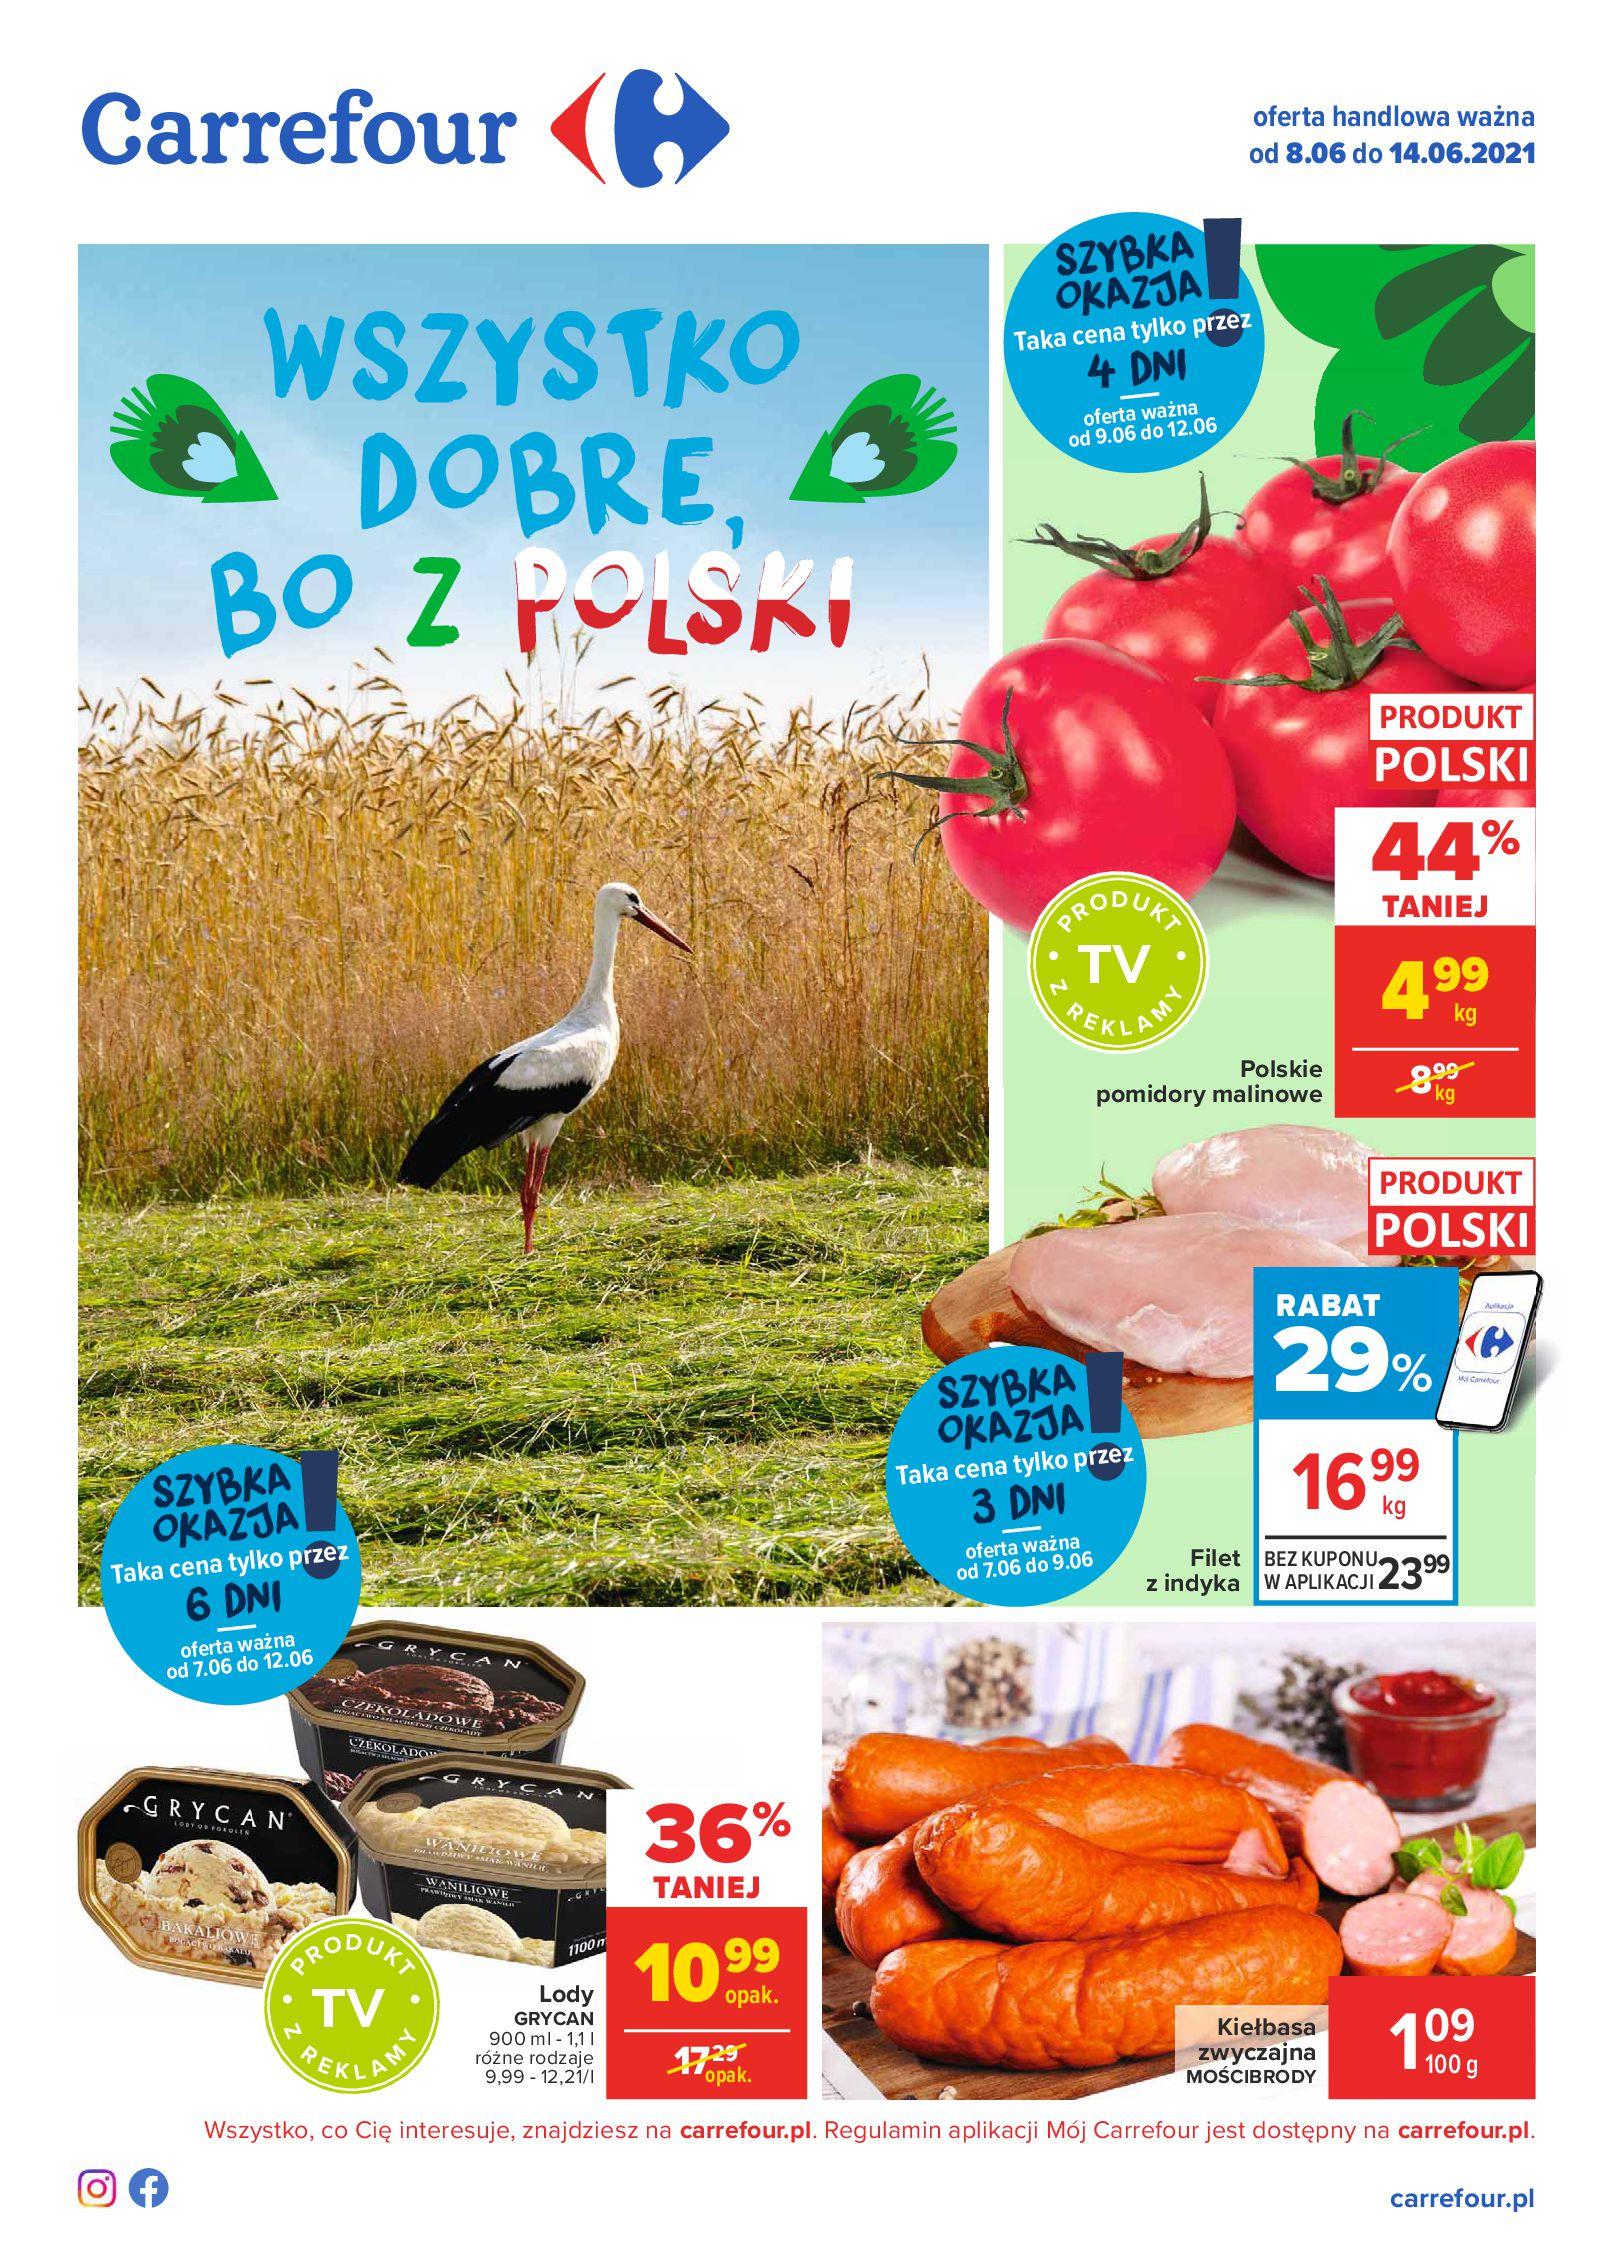 Carrefour:  Gazetka Carrefour Wszystko dobre, bo z Polski 07.06.2021